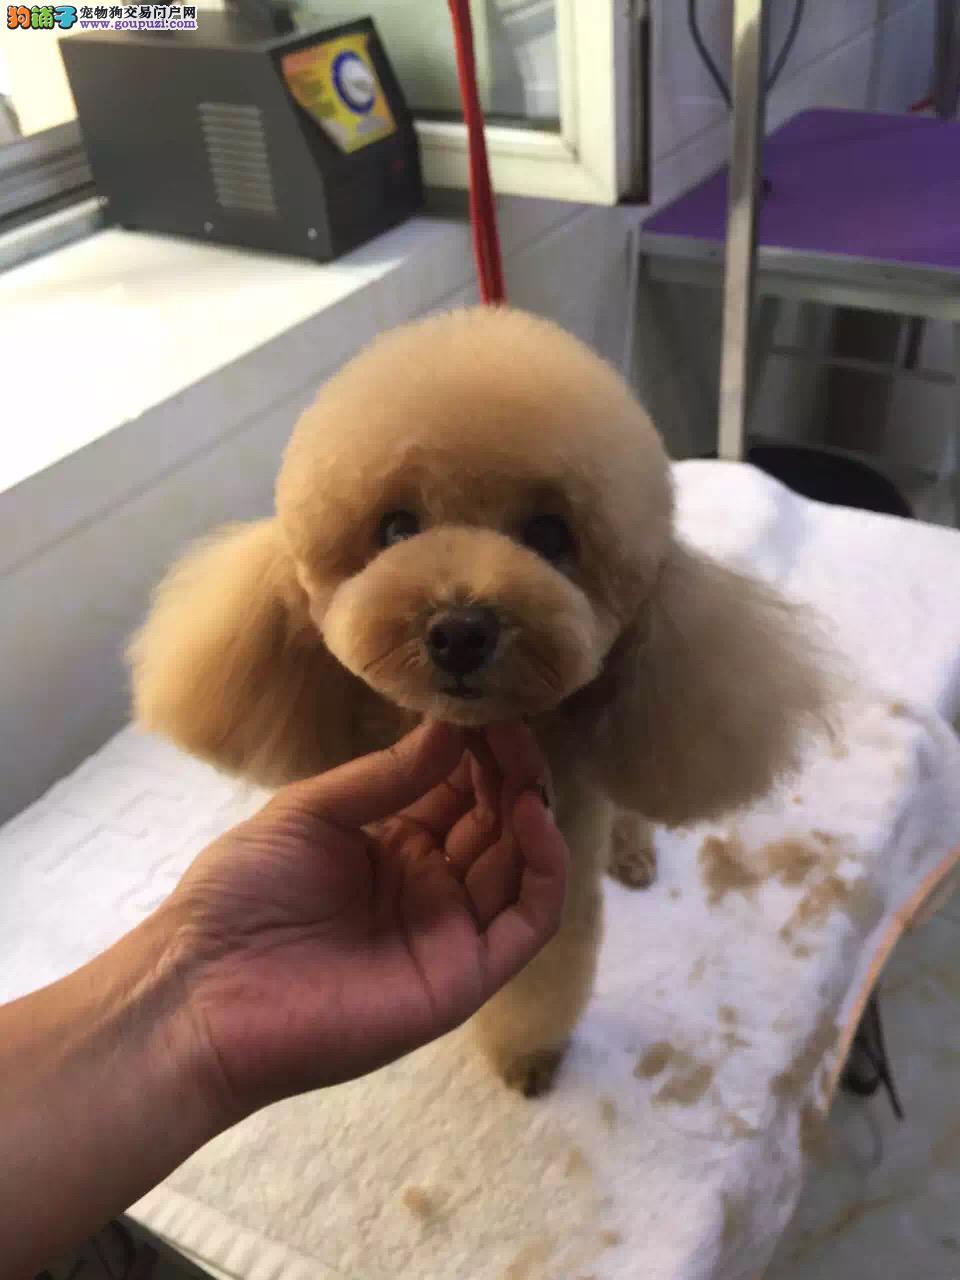 纯种泰迪犬,专业繁殖基地,卡哇伊苹果脸泰迪熊